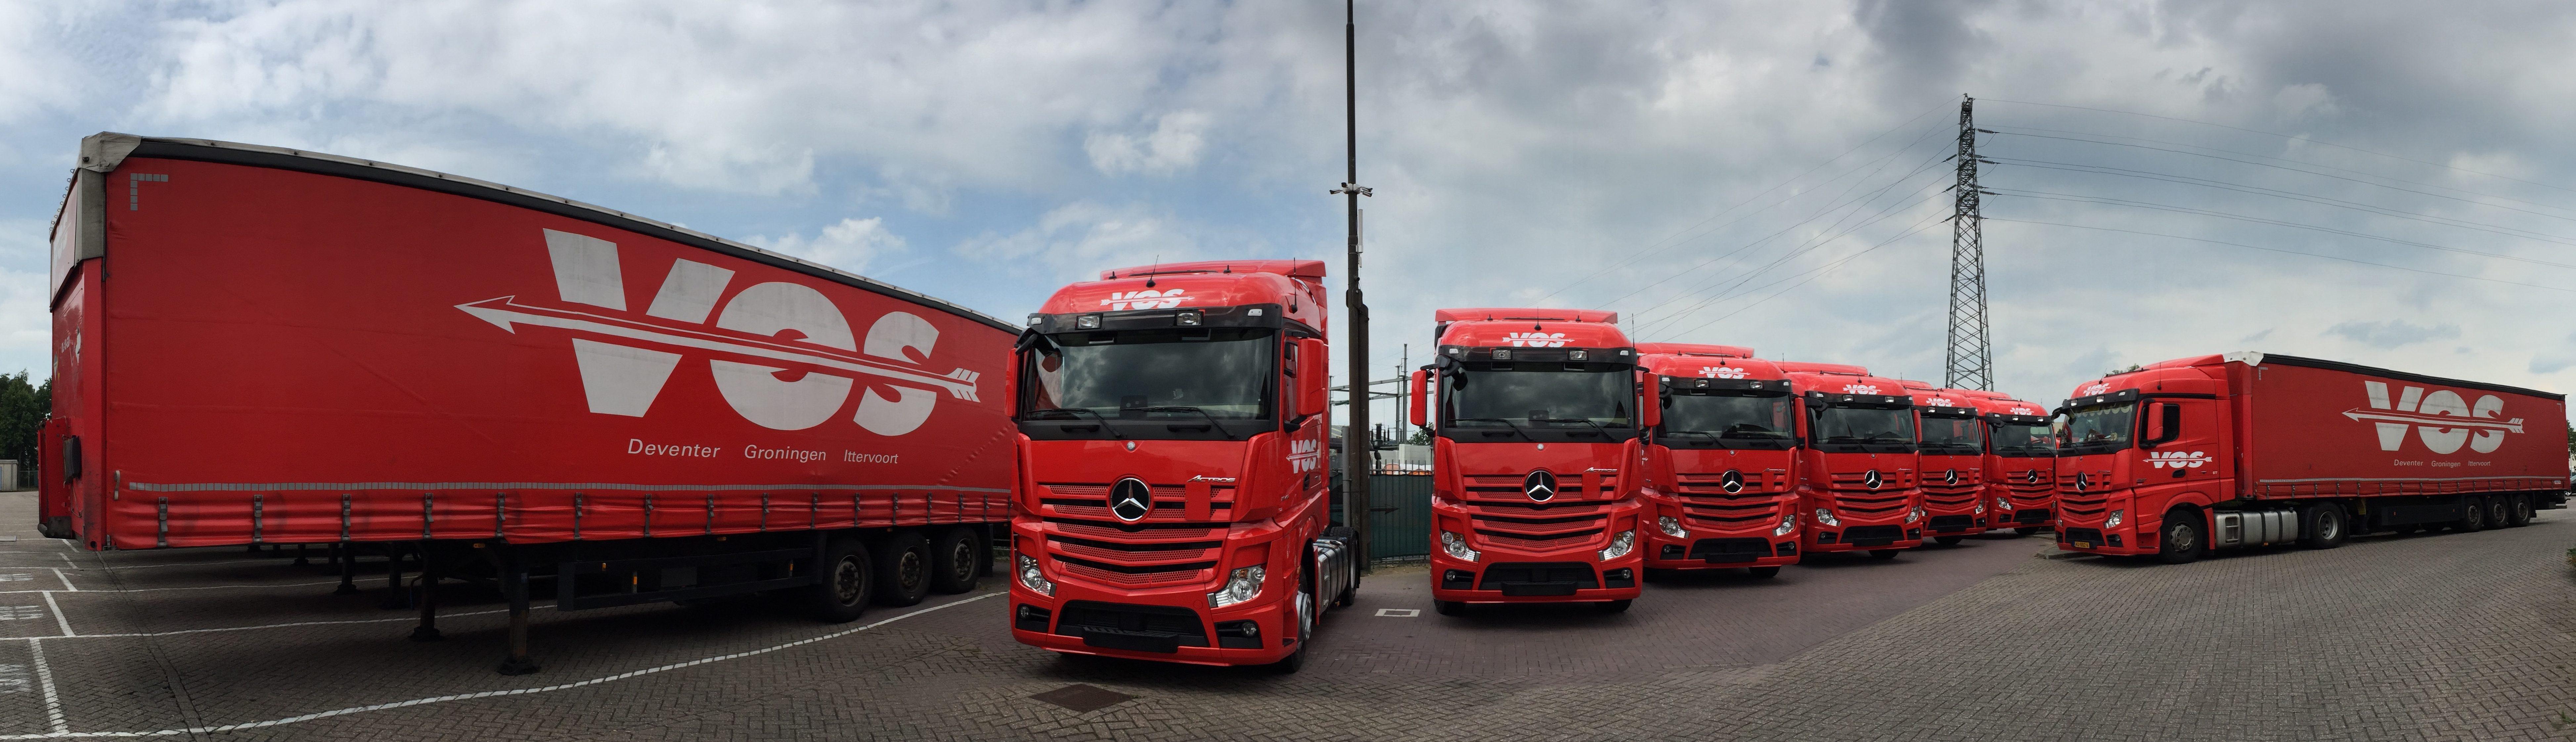 Wagenpark Vos Transport